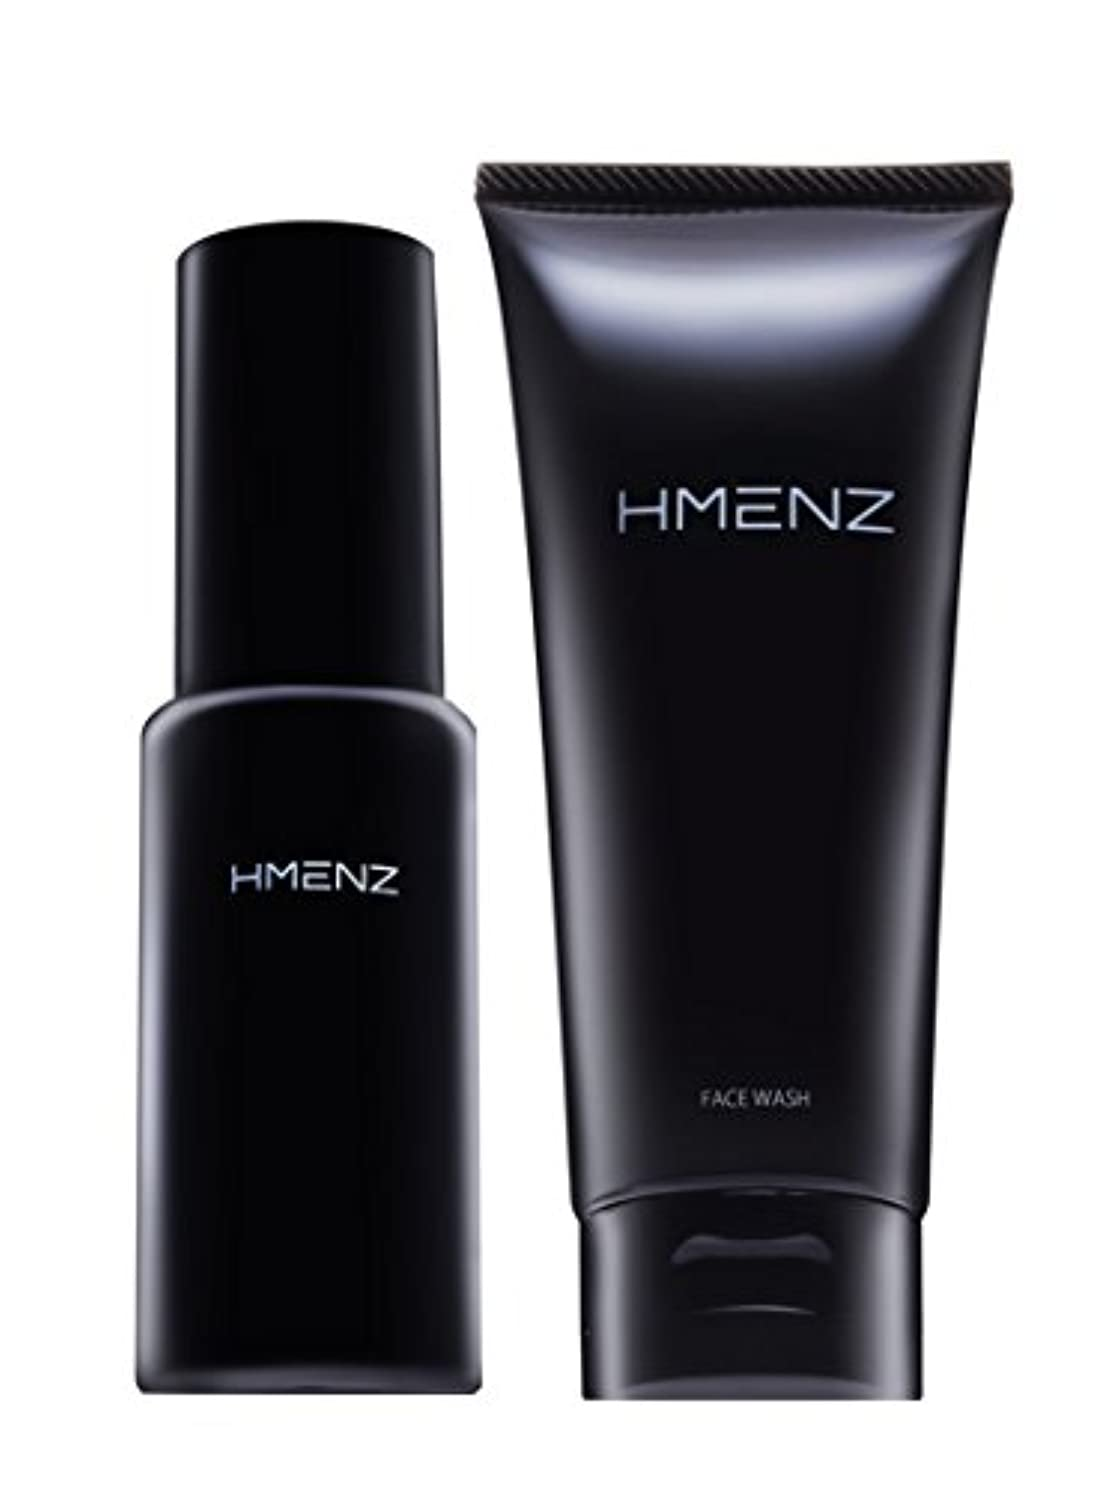 定義アルコーブ病気医薬部外品【 スキンケア セット 】HMENZ メンズ 洗顔 & 美容液 乾燥肌 対策 保湿 (無添加 シミ対策 ニキビ対策 エイジングケア) 洗顔 オールインワン ジェル 100g&50ml